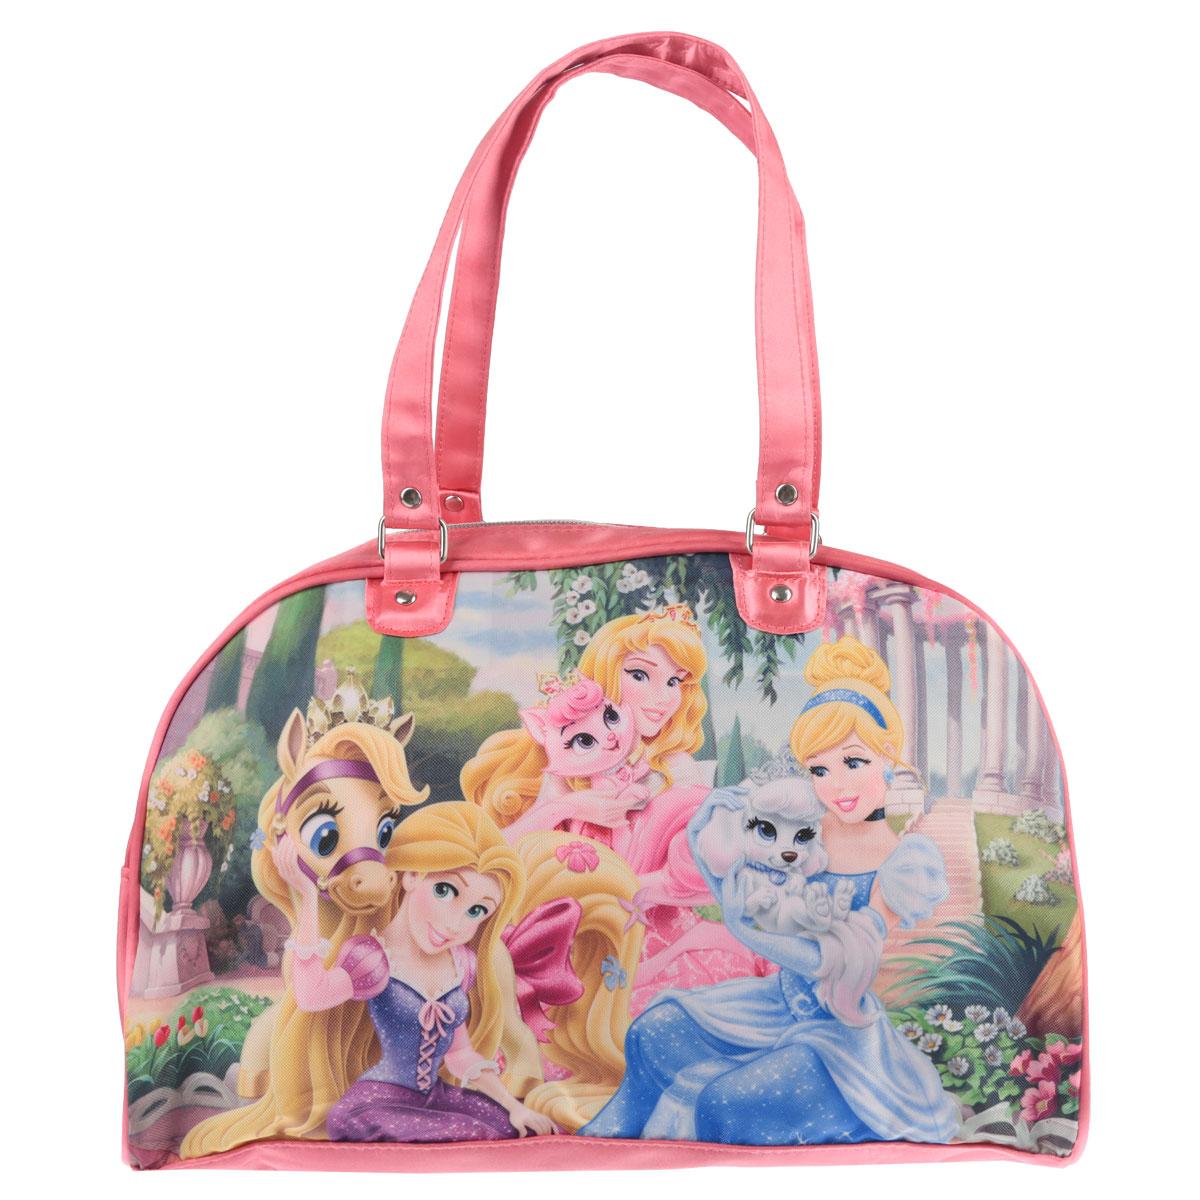 Сумочка Princess, цвет: розовый. PRCB-UT4-403437397Стильная сумочка Princess порадует любую модницу и поклонницу мультфильма.Сумочка имеет одно вместительное отделение, закрывающееся на молнию. Лицевая сторона сумочки оформлена изображением трех принцесс с животными. Сумочка оснащена ручками для переноски в руке. Высота ручек 20 см. Каждая юная поклонница популярного мультфильма будет рада такому аксессуару.Предназначено для детей 7-10 лет.